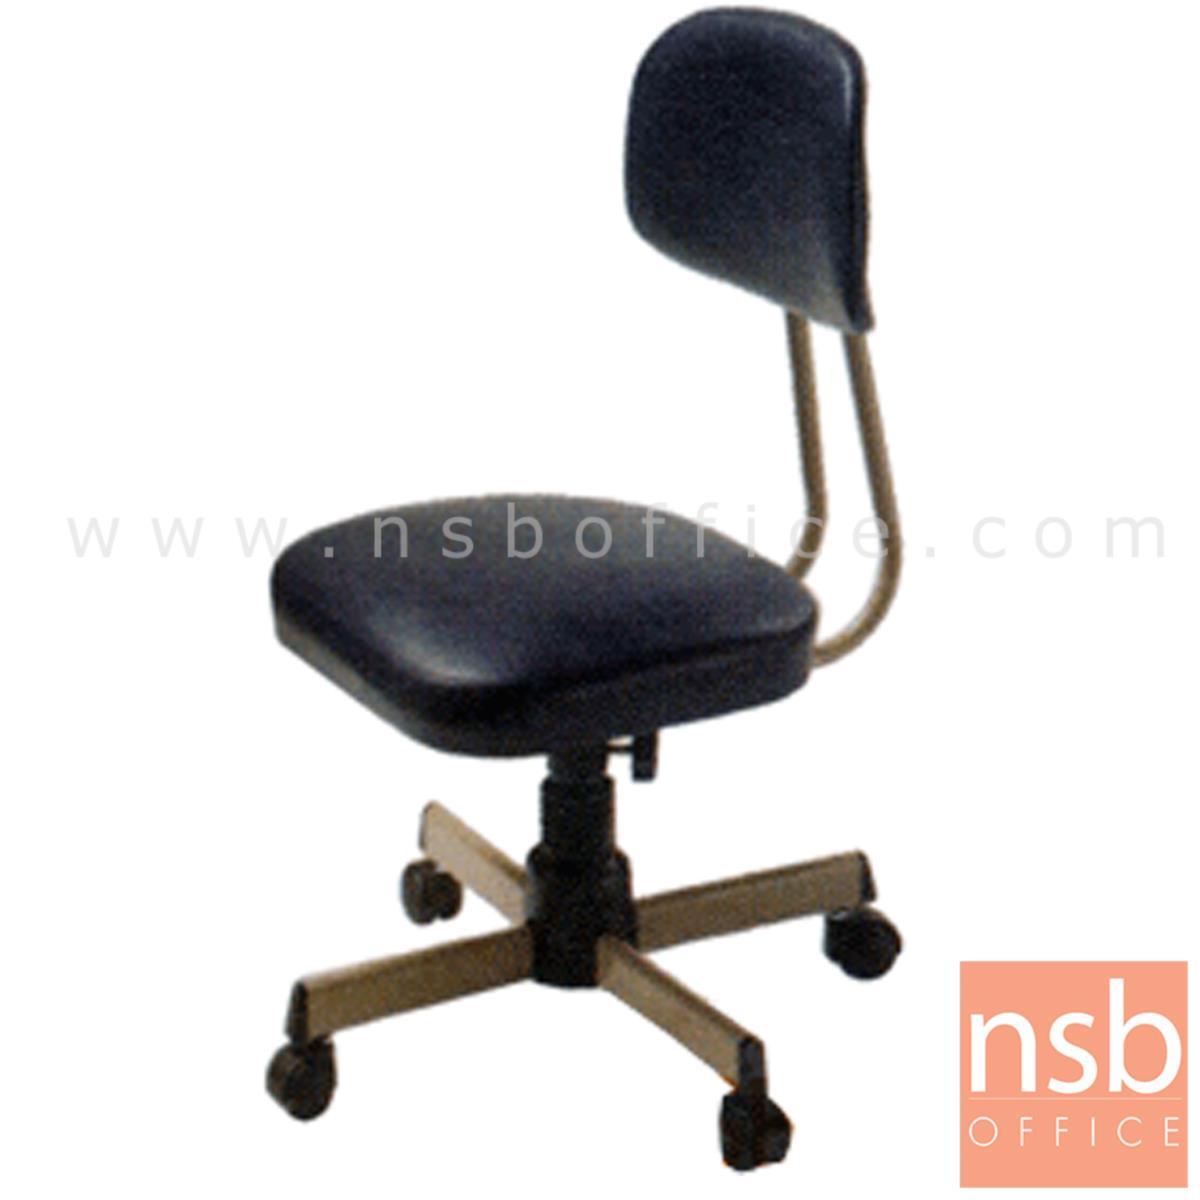 E28A084:เก้าอี้บาร์ที่นั่งเหลี่ยมล้อเลื่อน ยี่ห้อลัคกี้ รุ่น CH-403  ขาเหล็กชุบโครเมี่ยม